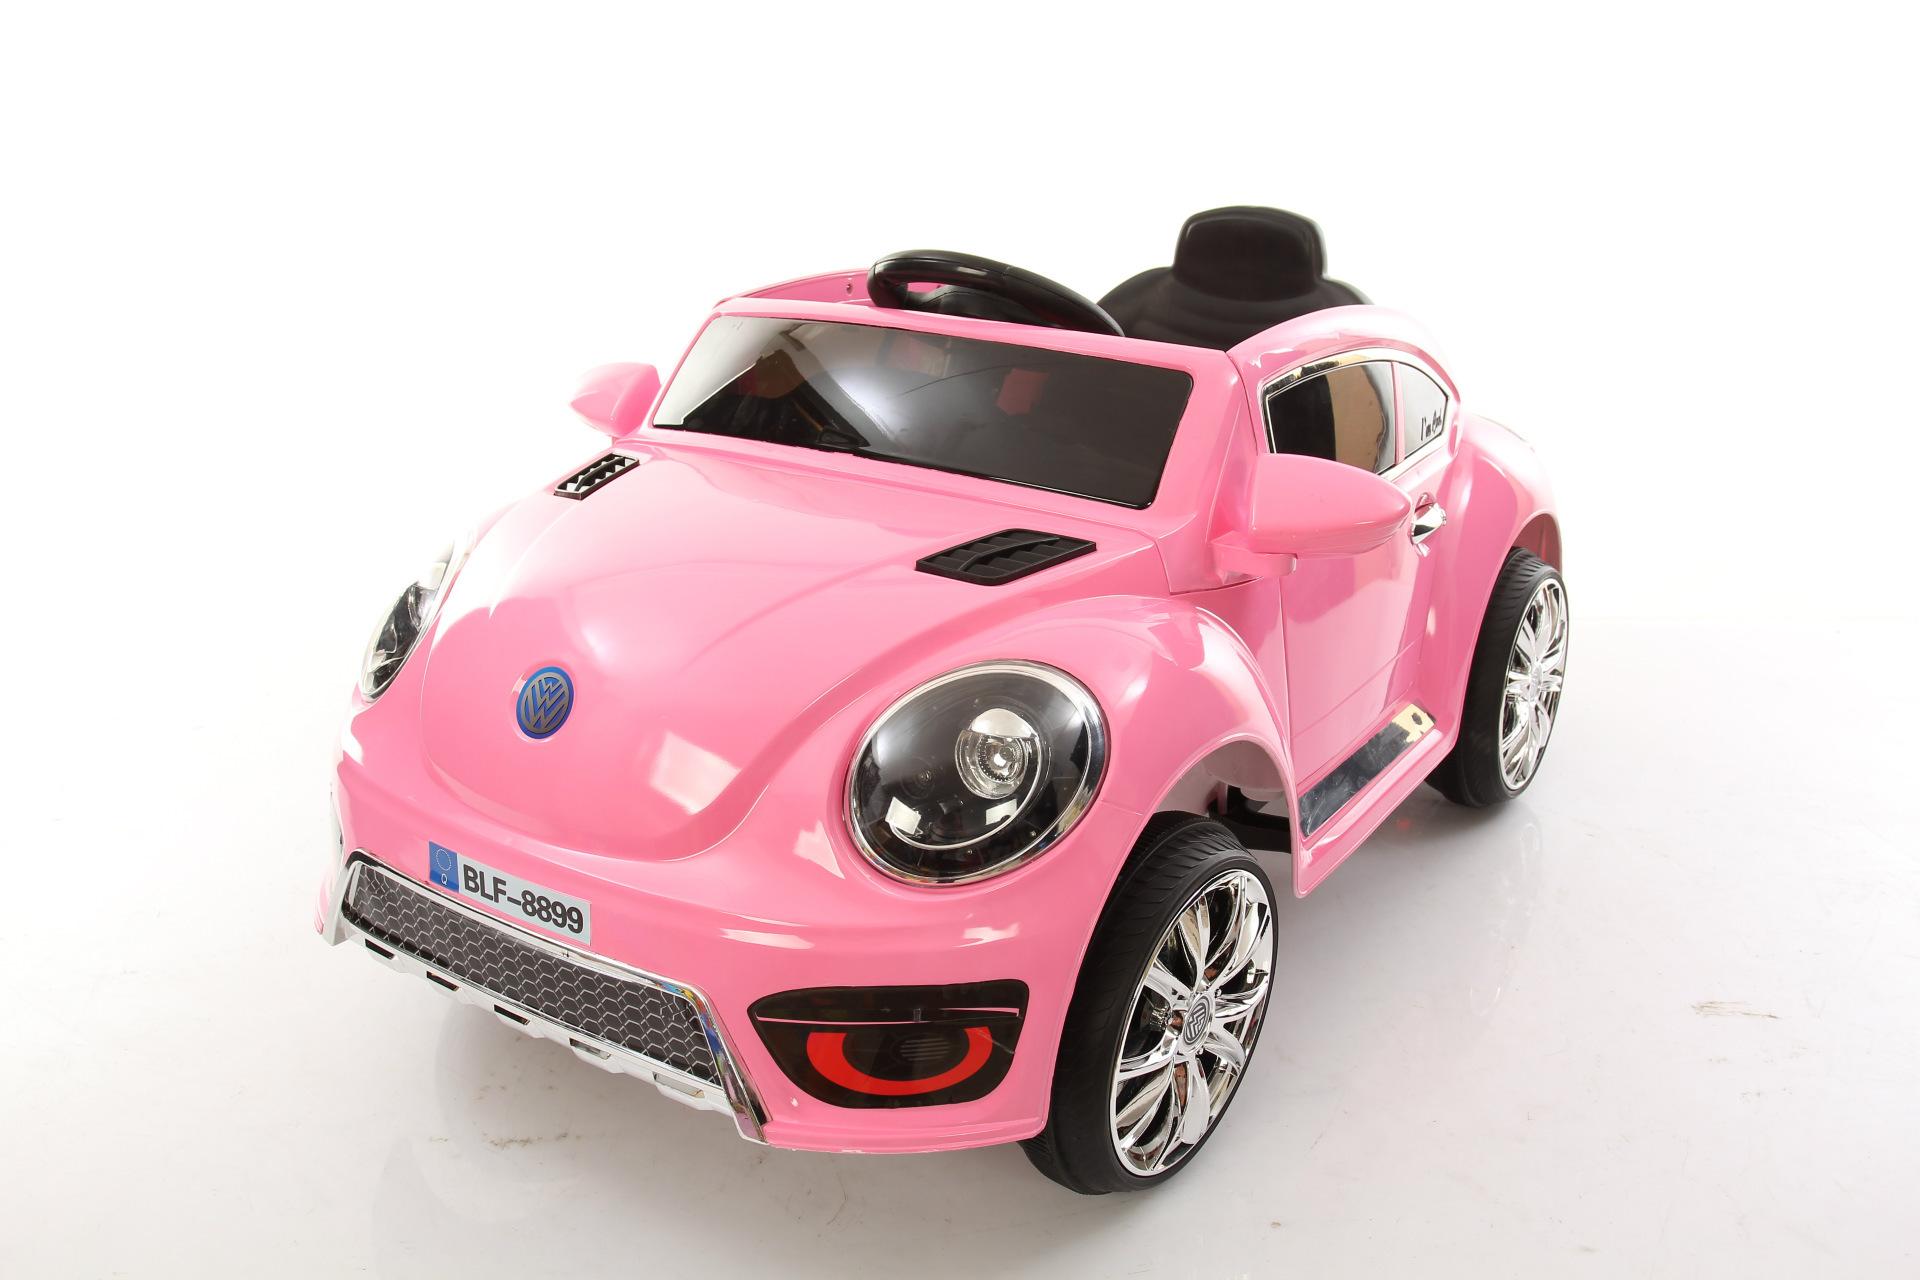 xe ô tô điện trẻ em M-8899